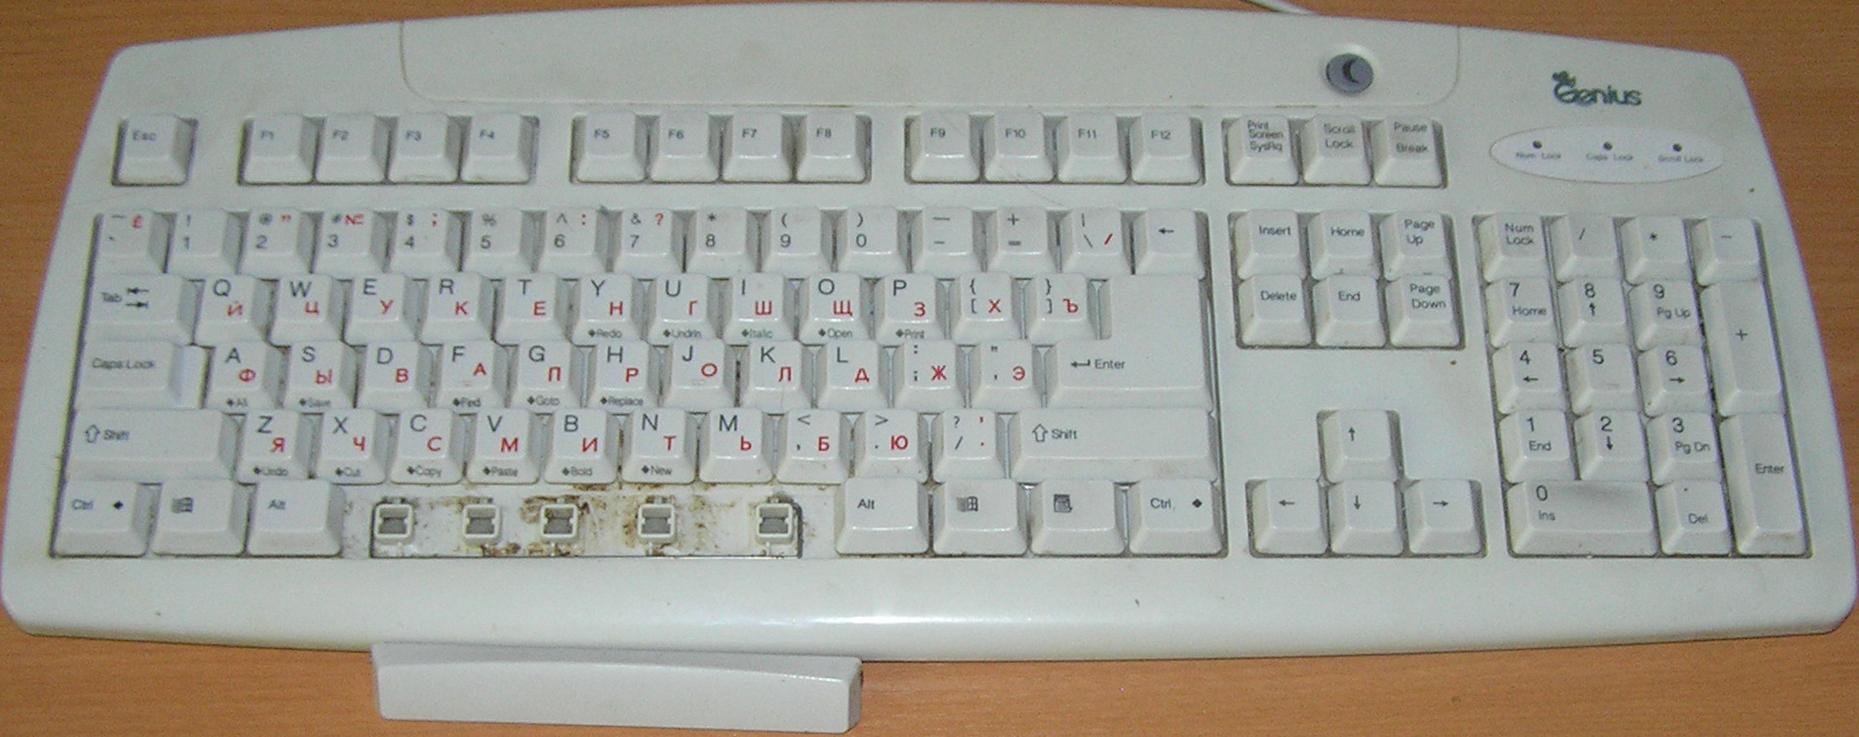 Как правильно сделать клавиатуру